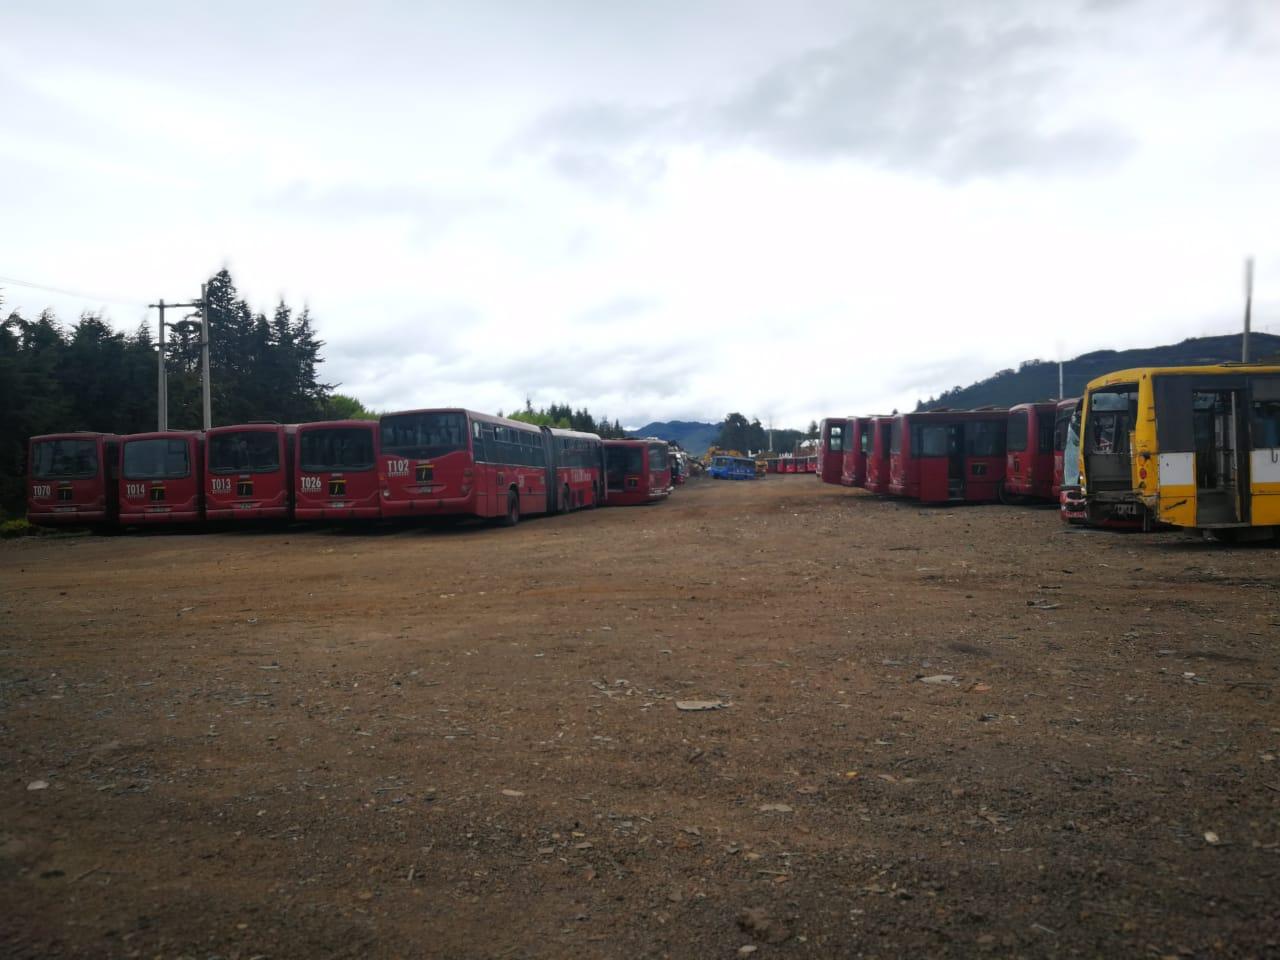 El bus M107 con 18 años de edad ya es un bus viejo a la espera de desaparecer